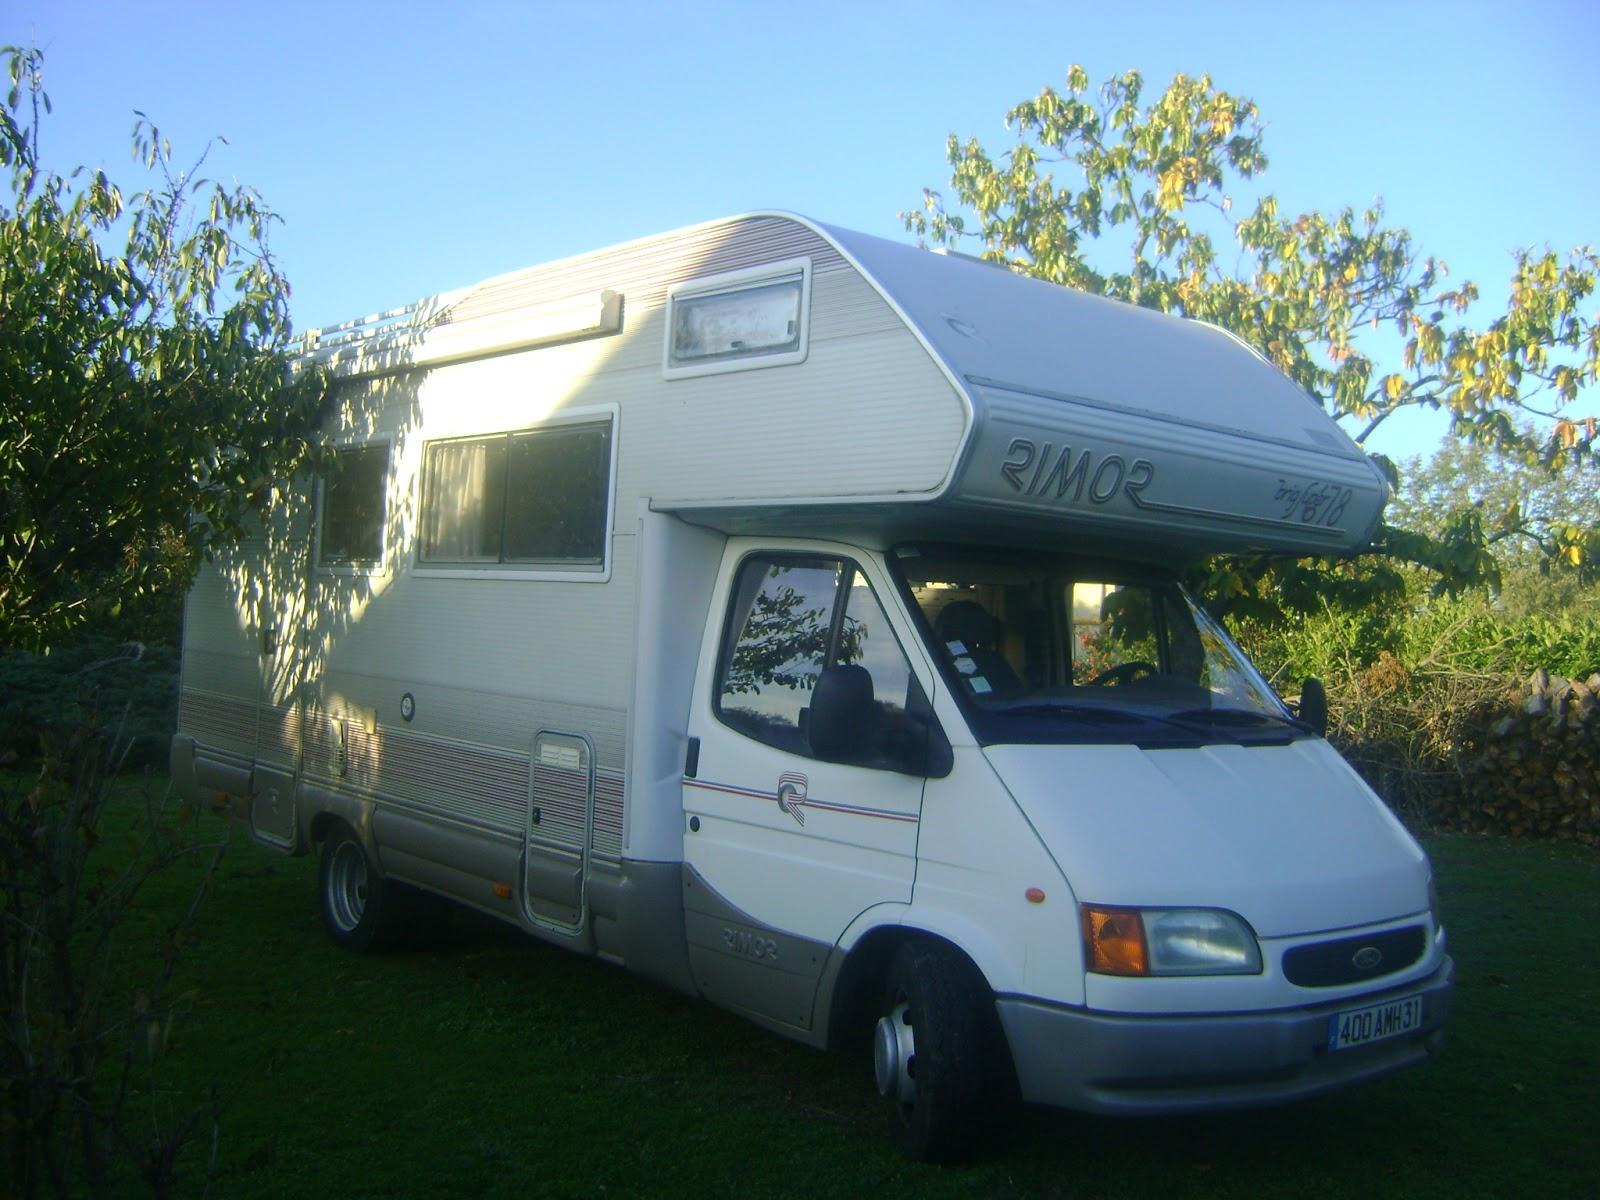 bilan du tour d 39 europe en camping car heureux poussin voyageur. Black Bedroom Furniture Sets. Home Design Ideas